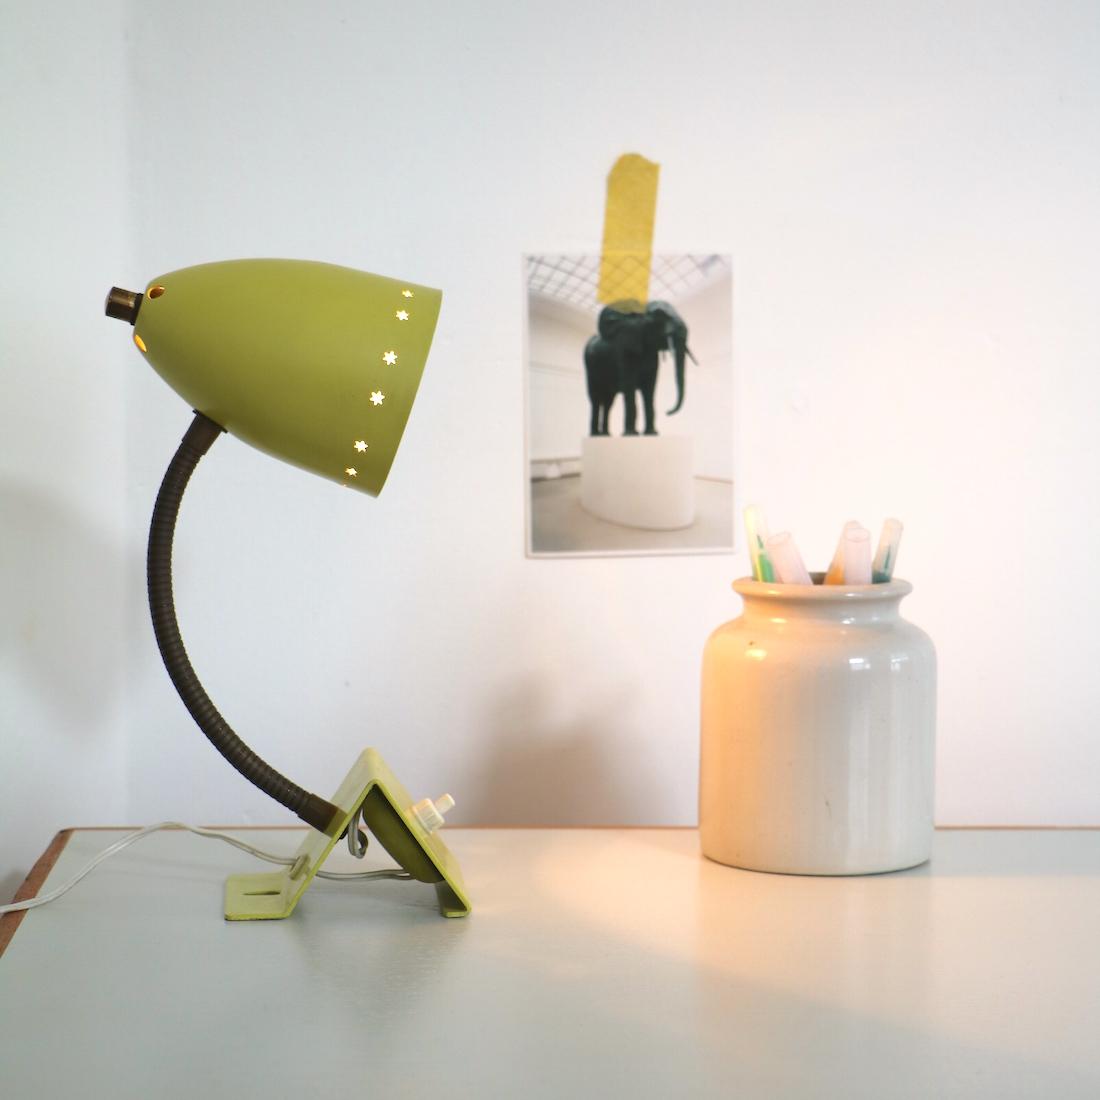 lampe ajour e toiles la maison bruxelloise. Black Bedroom Furniture Sets. Home Design Ideas